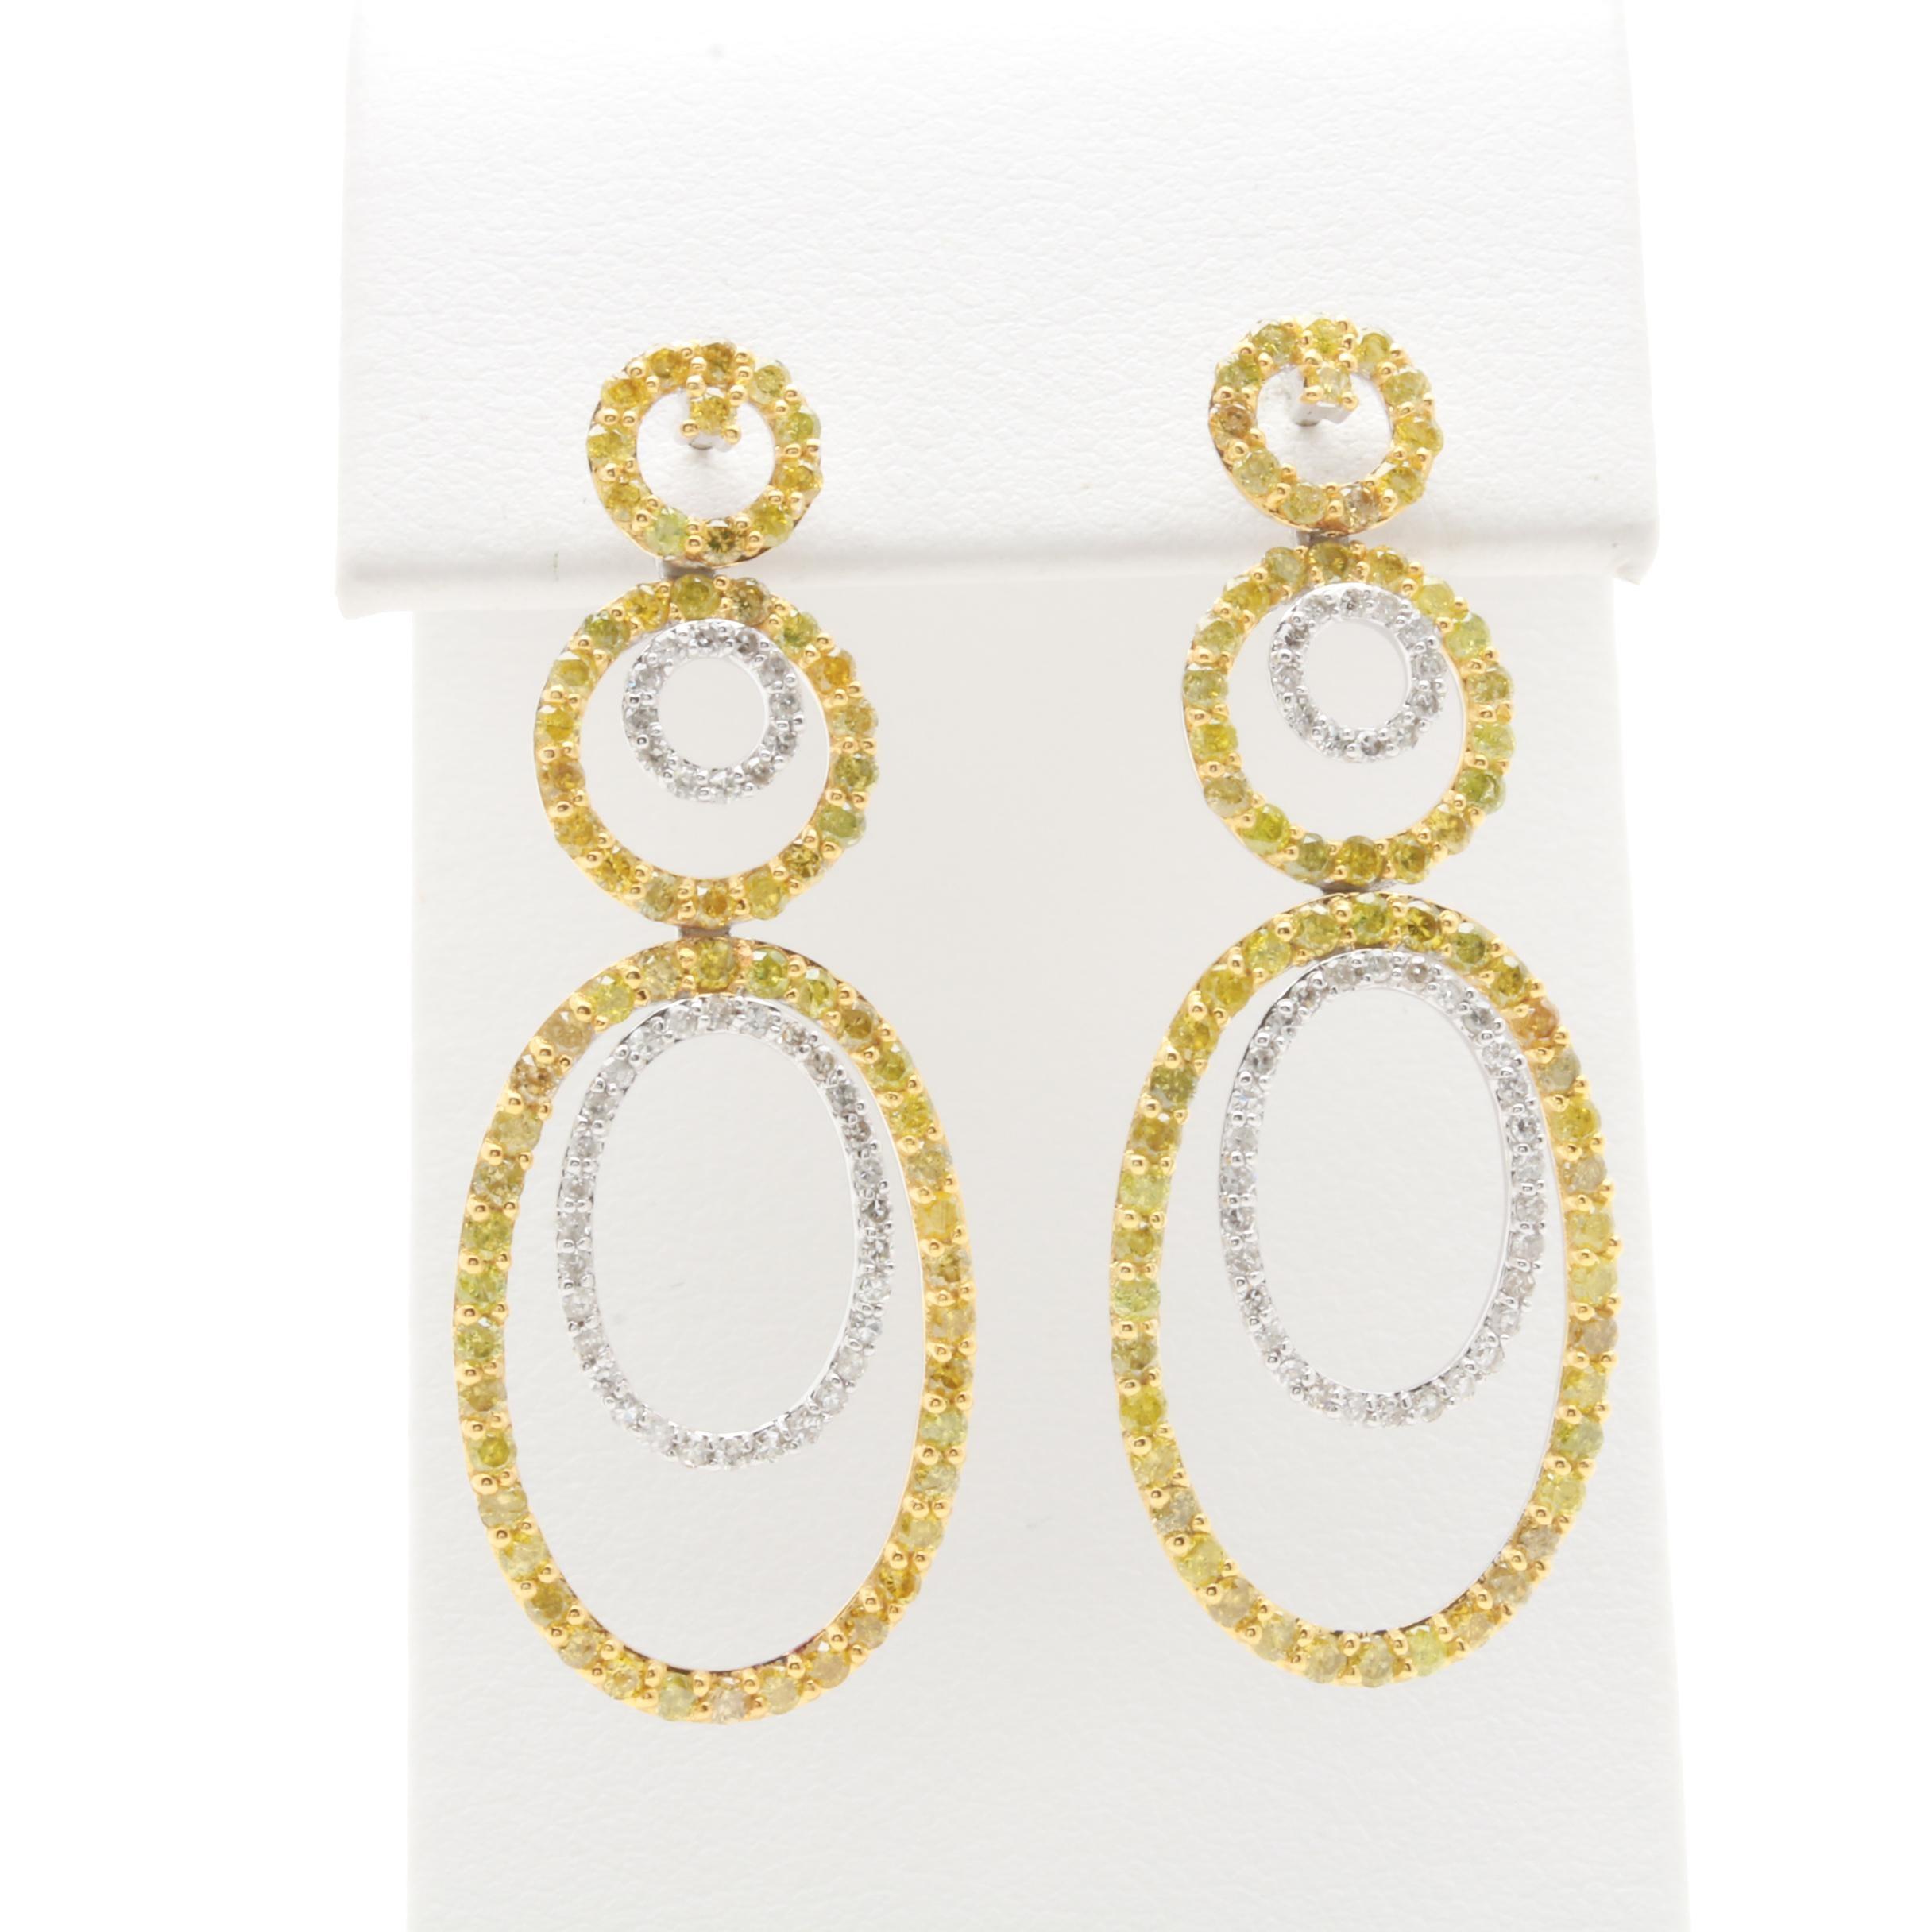 14K White Gold 2.39 CTW Diamond Earrings